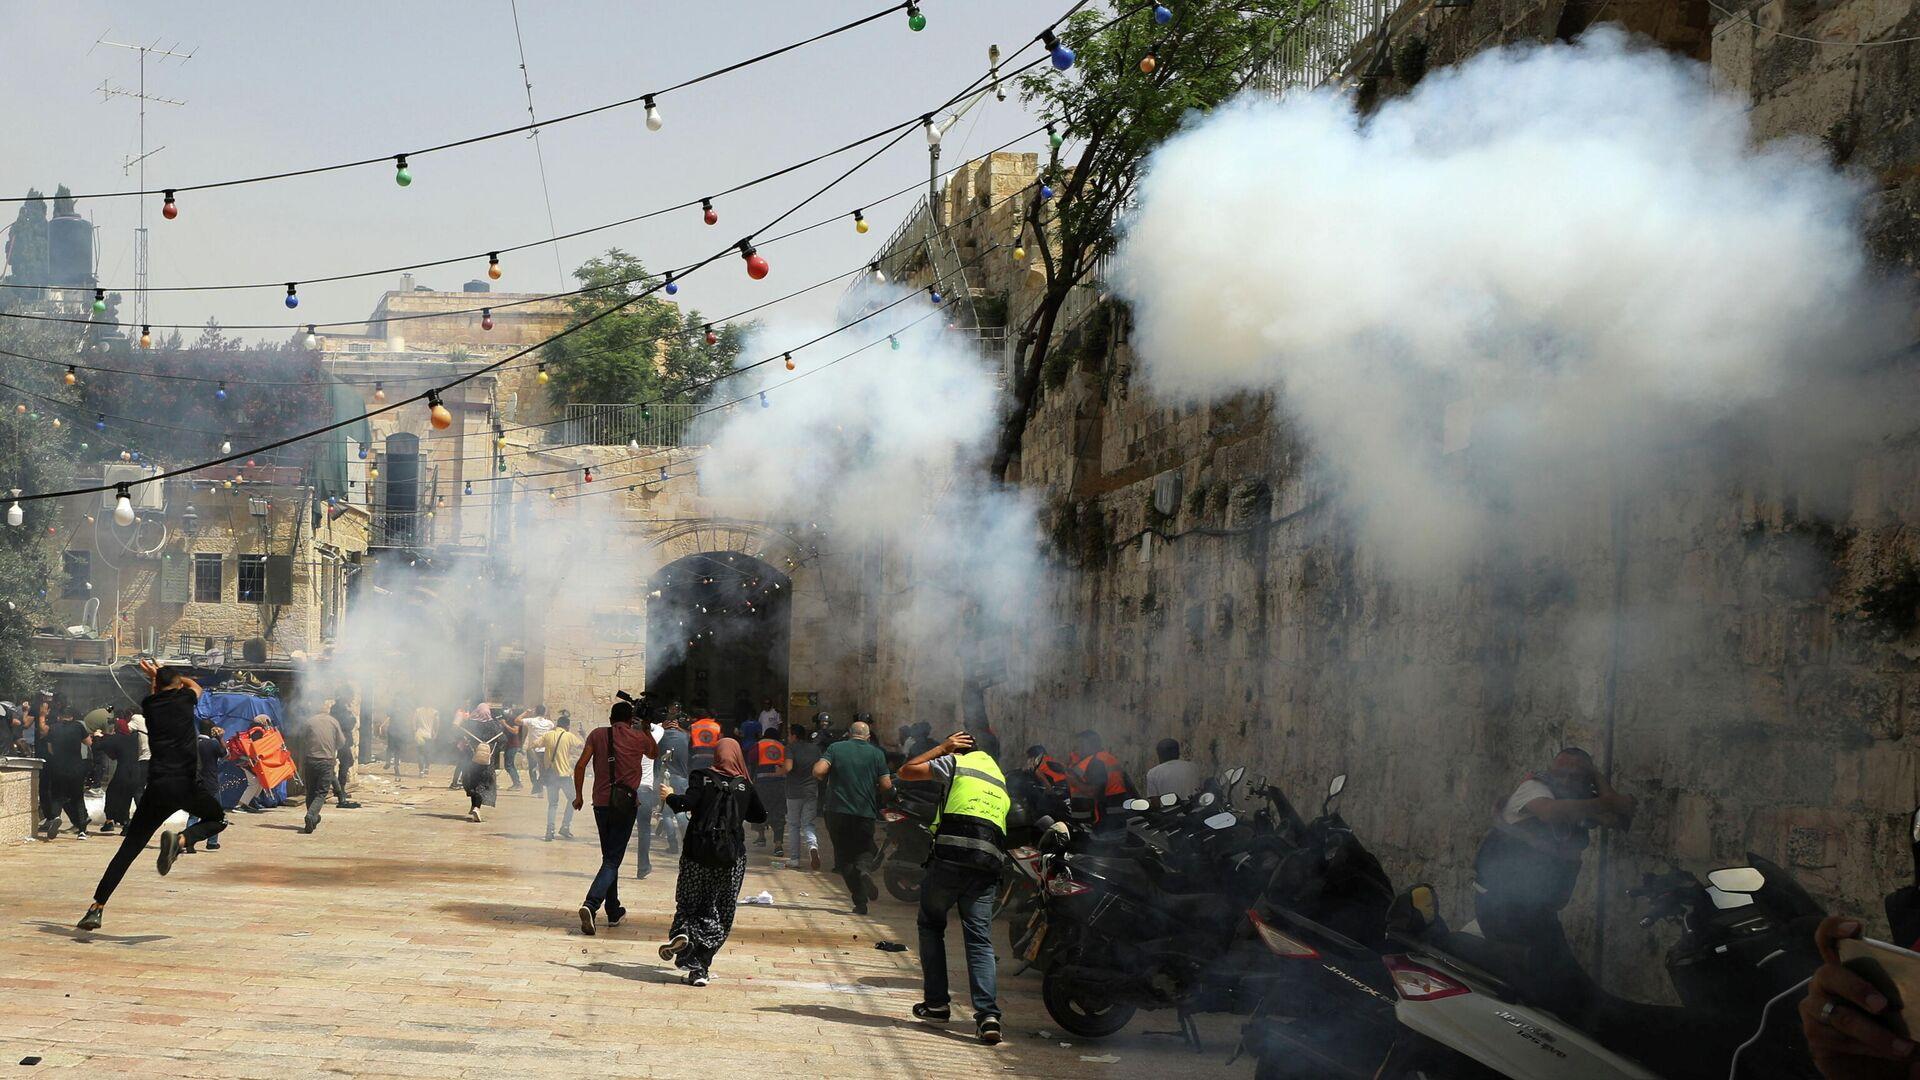 Столкновения возле мечети Аль-Акса в Иерусалиме - РИА Новости, 1920, 10.05.2021